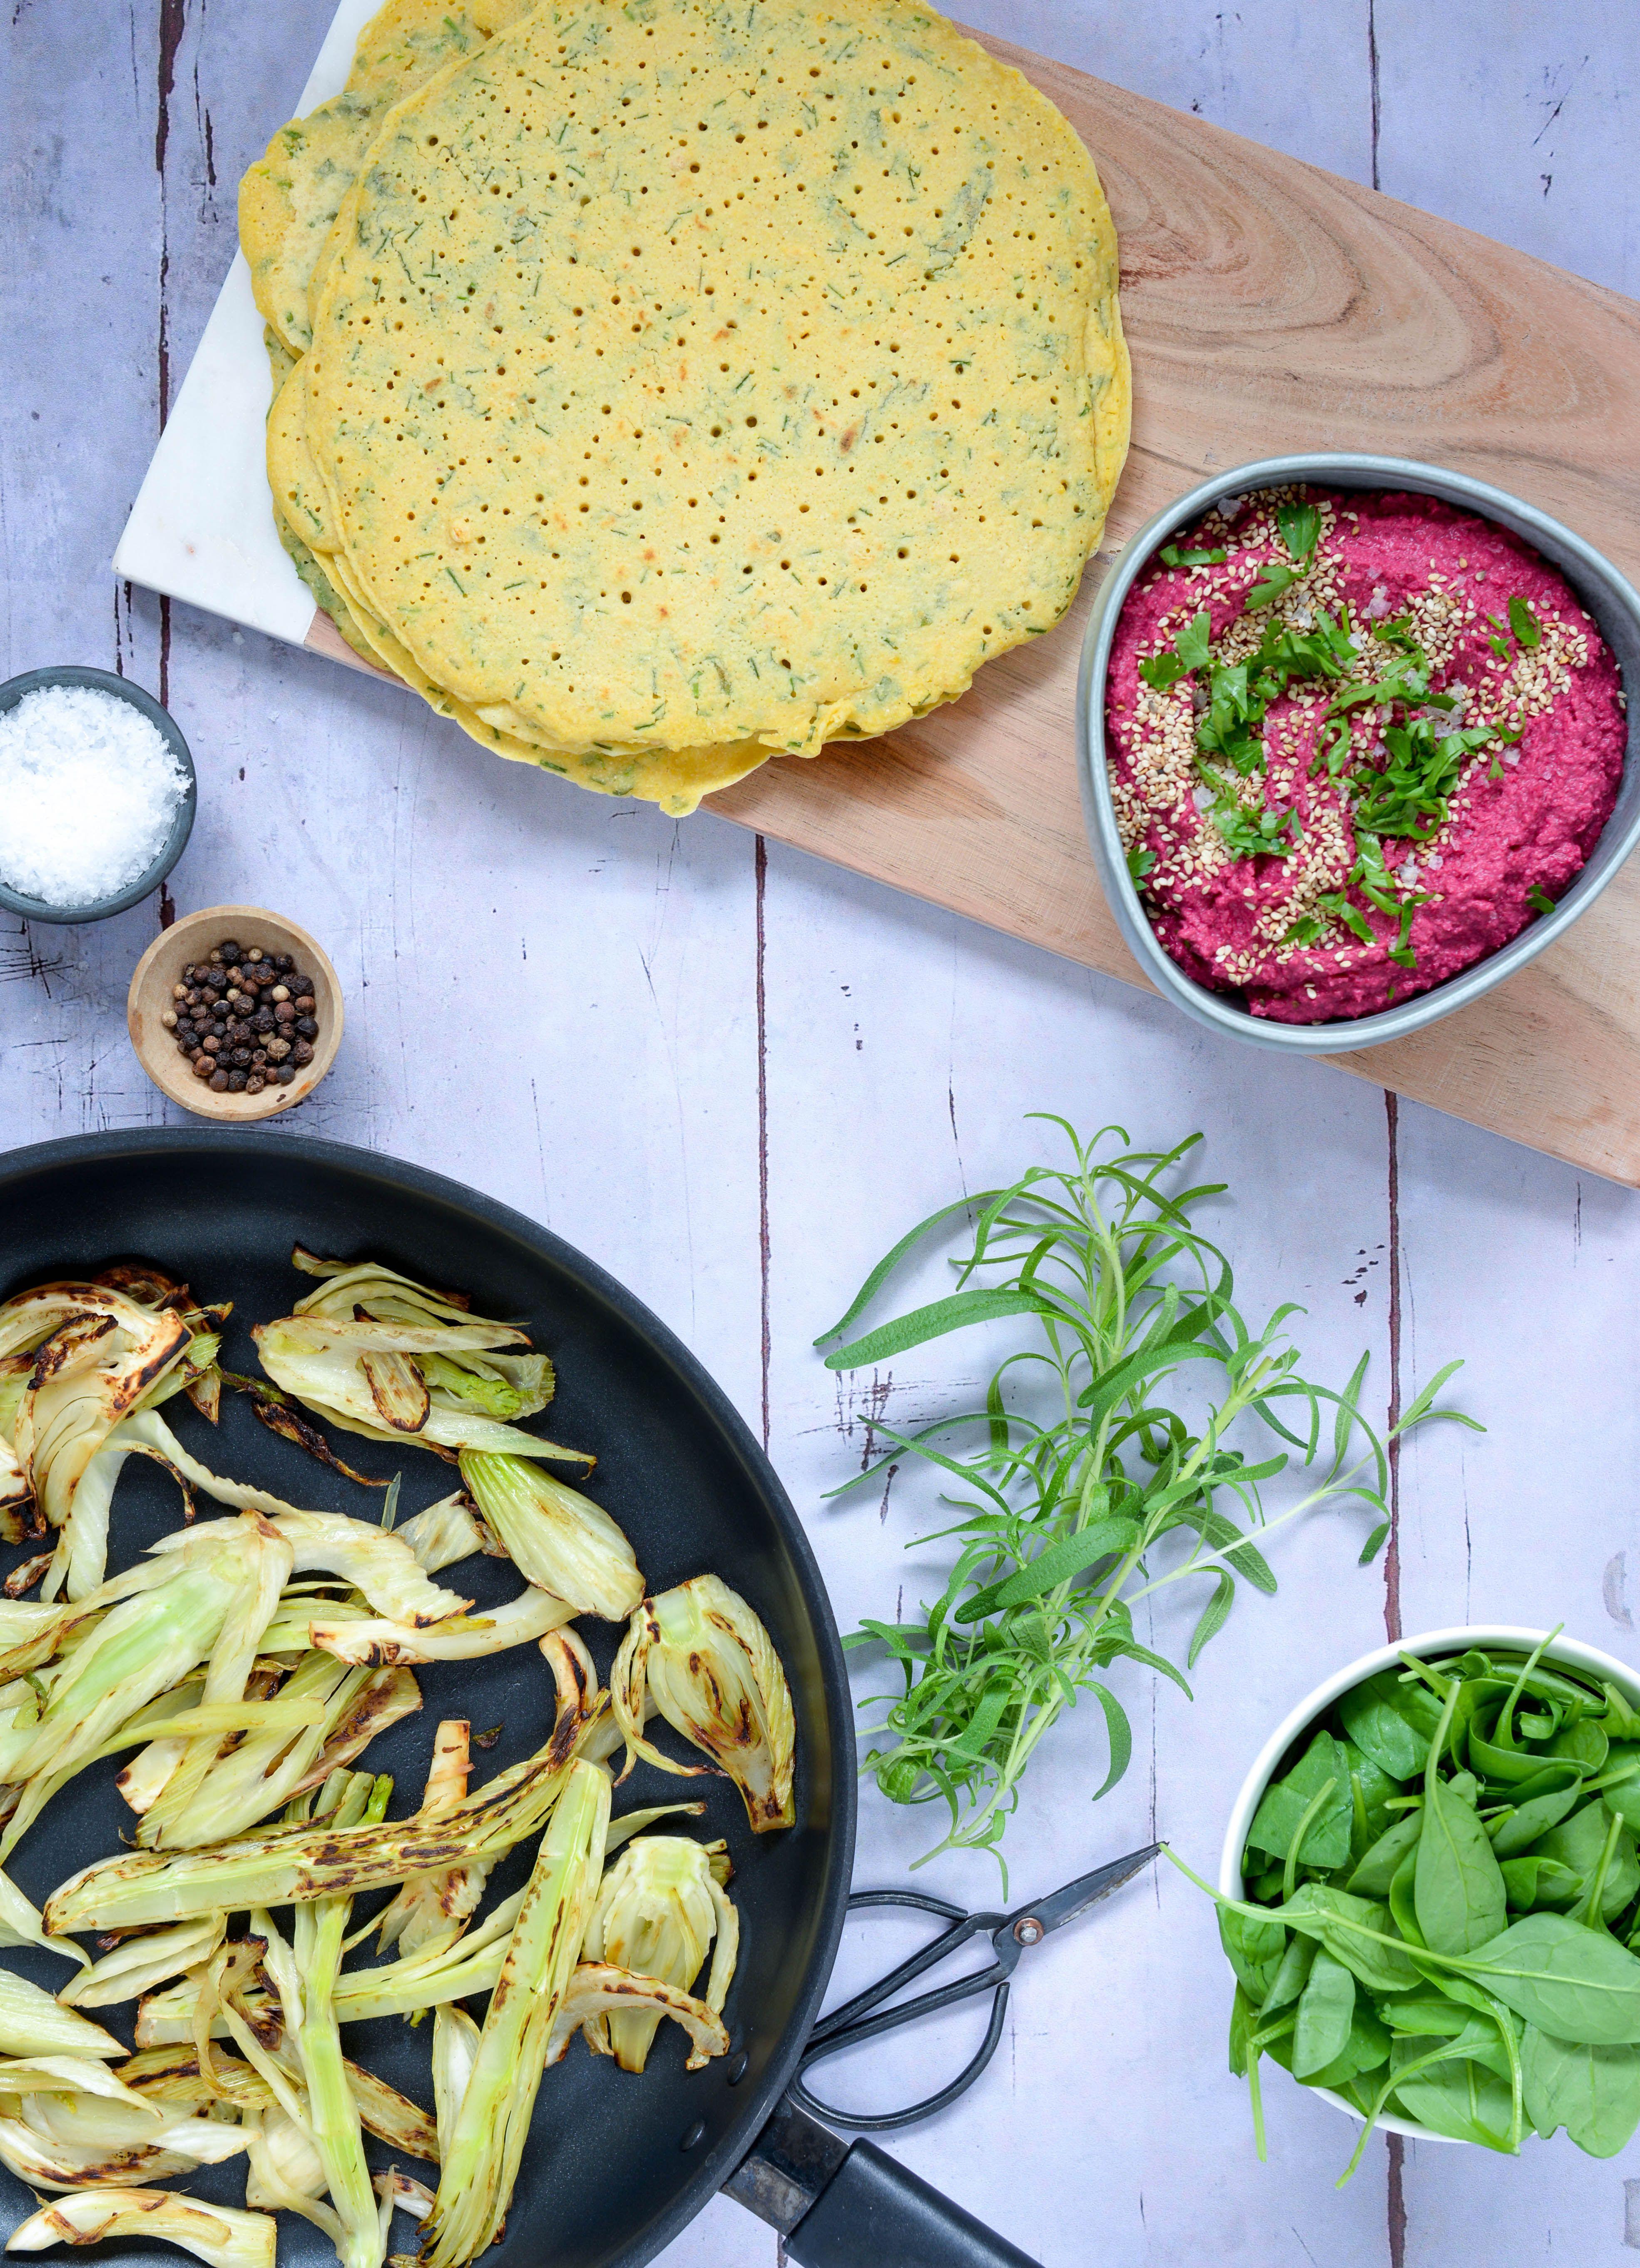 Madpandekager Med Krydderurter Hummus Og Stegte Grøntsager